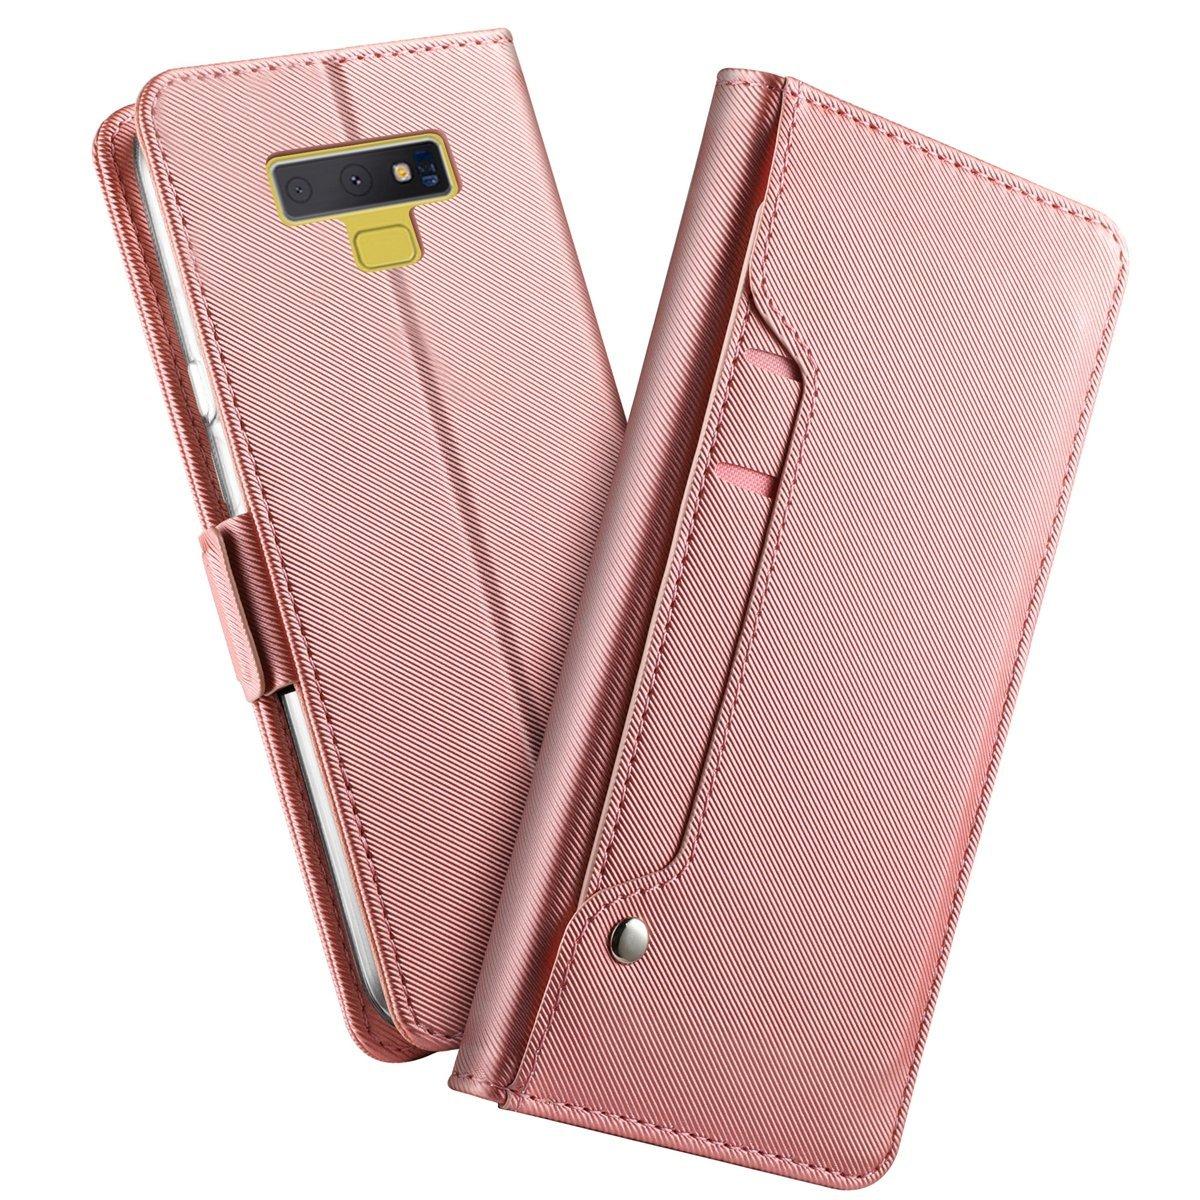 Coque Housse Samsung Galaxy Note 9 en Cuir Etui Flip Cover Case Antichoc Portefeuille Etui Cellulaire Housse Ultra-Mince PU Protecteur le Corps du Étui Magnétique Flip Stand Fente Pour Carte (Bleu)